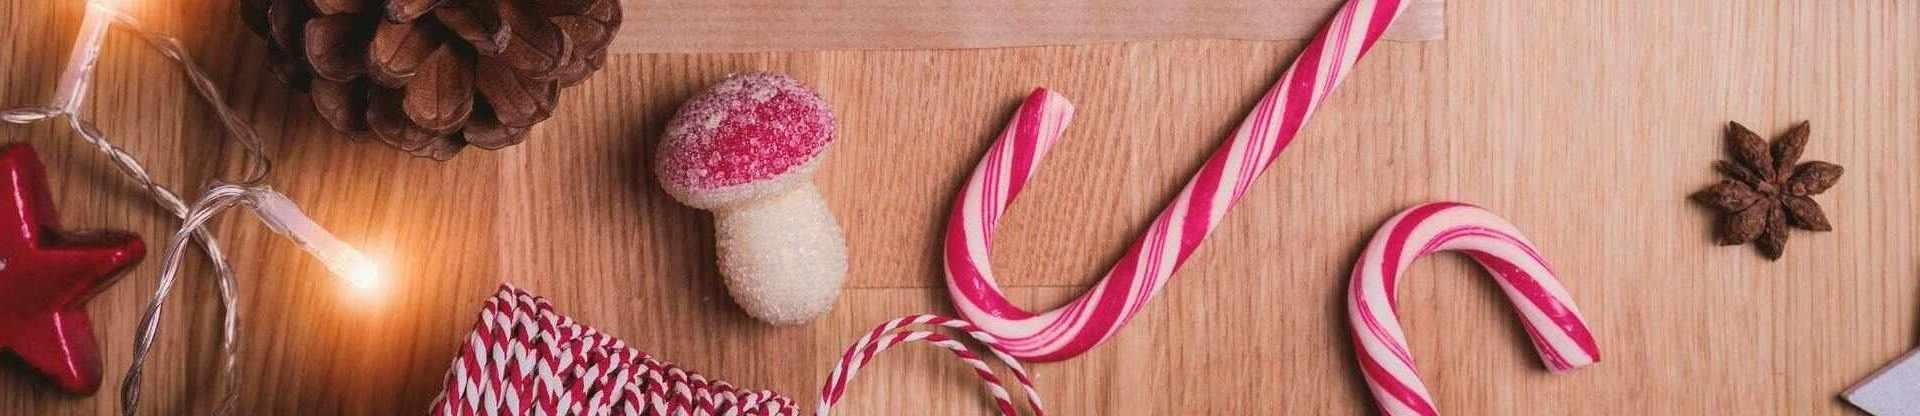 ricette-facili-per-antipasti-di-Natale-dolci-natalizi-deliziosi